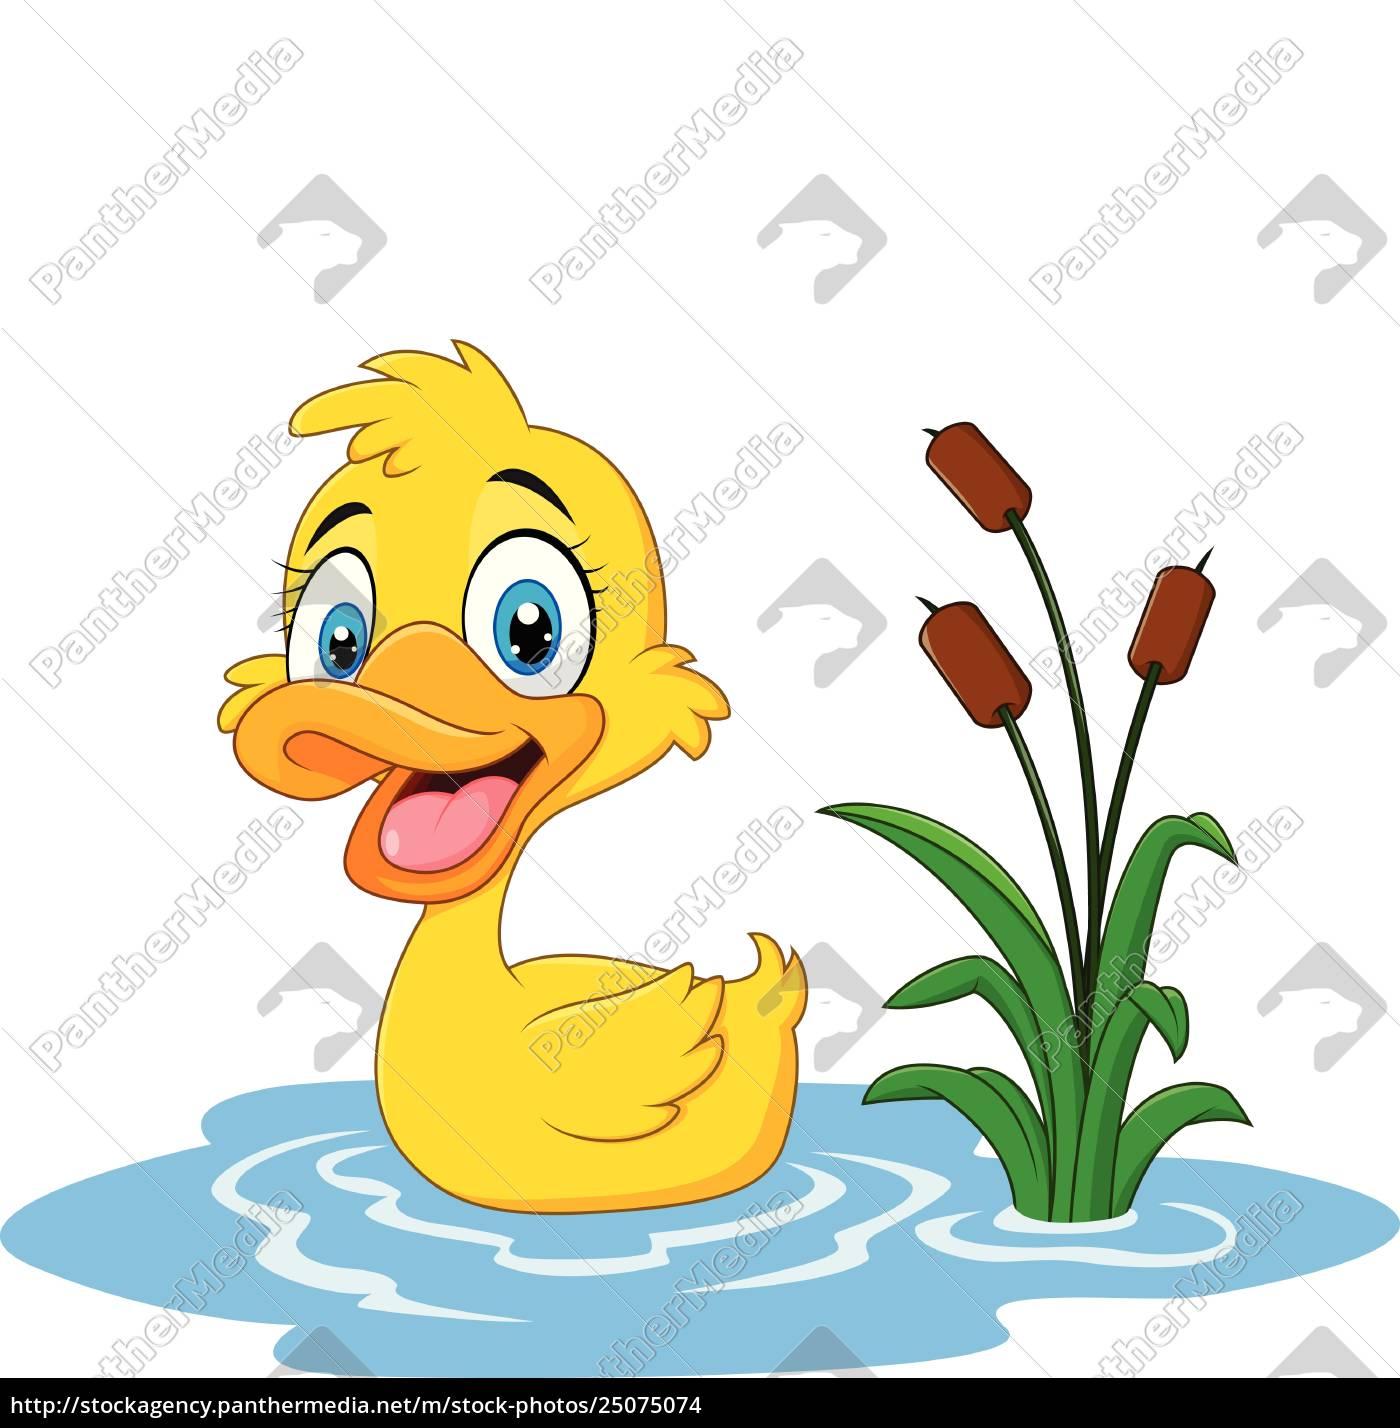 lustige ente der karikatur schwimmt auf wasser - stockfoto